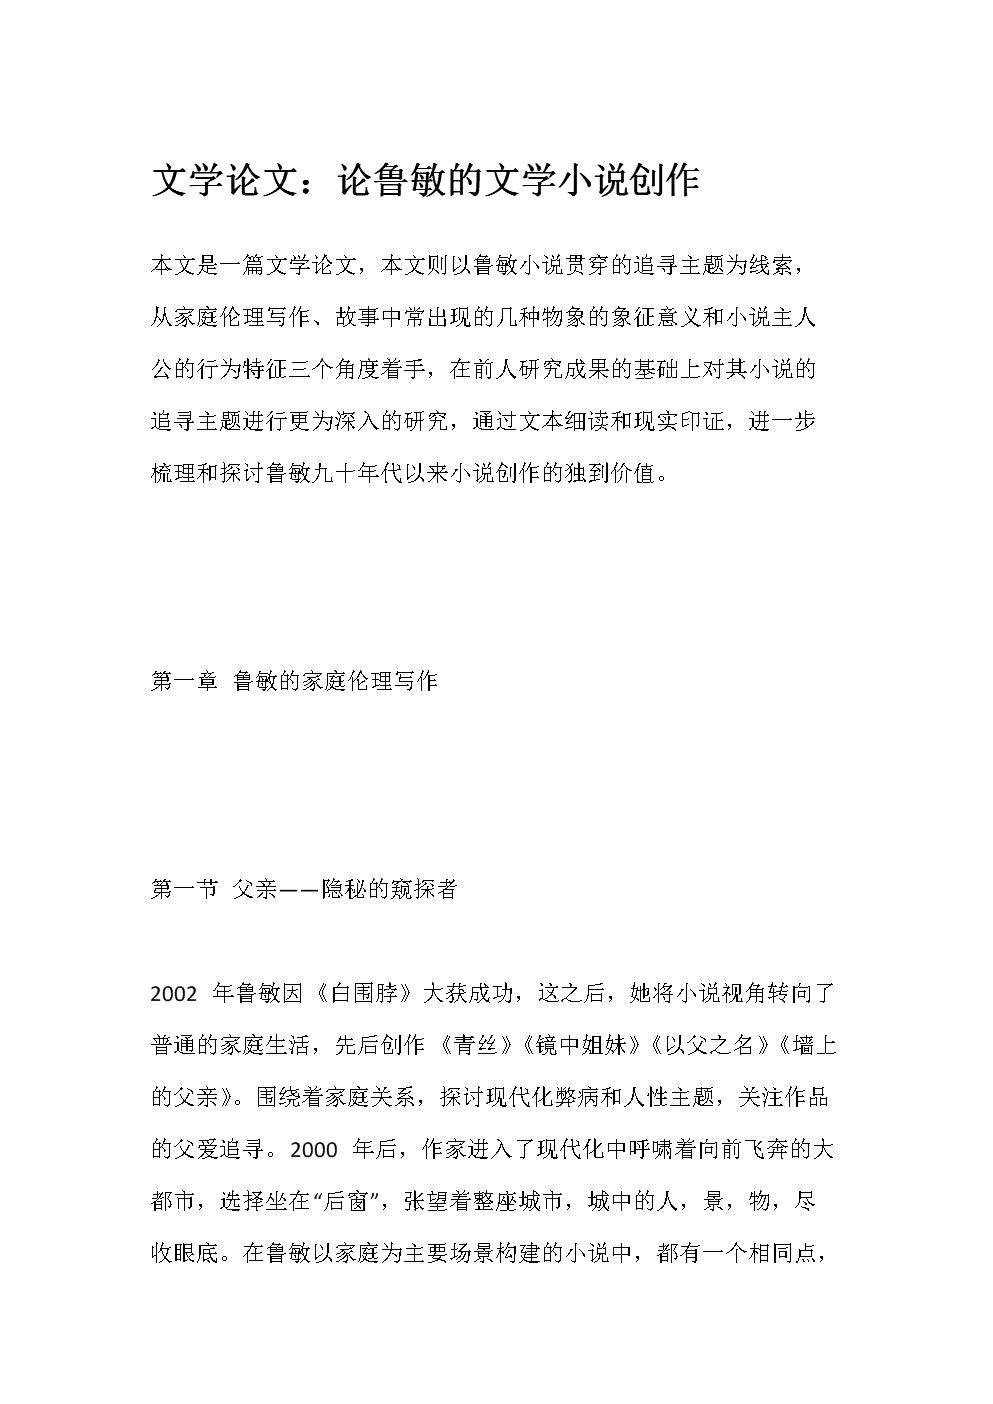 文学论文:论鲁敏的文学小说创作.docx